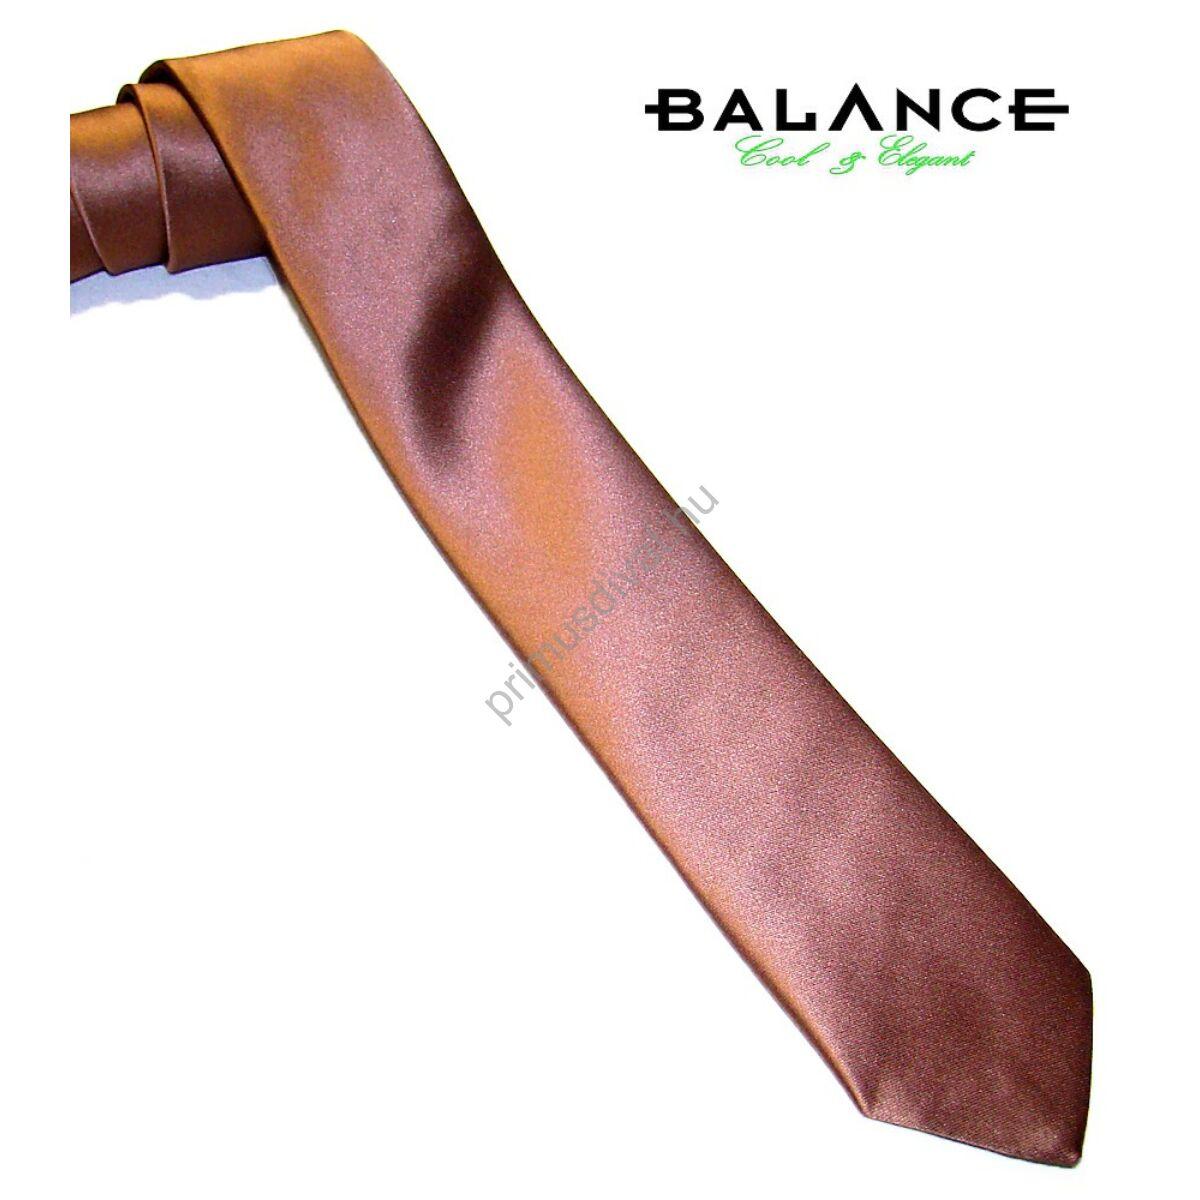 Balance keskeny selyem nyakkendő, barna